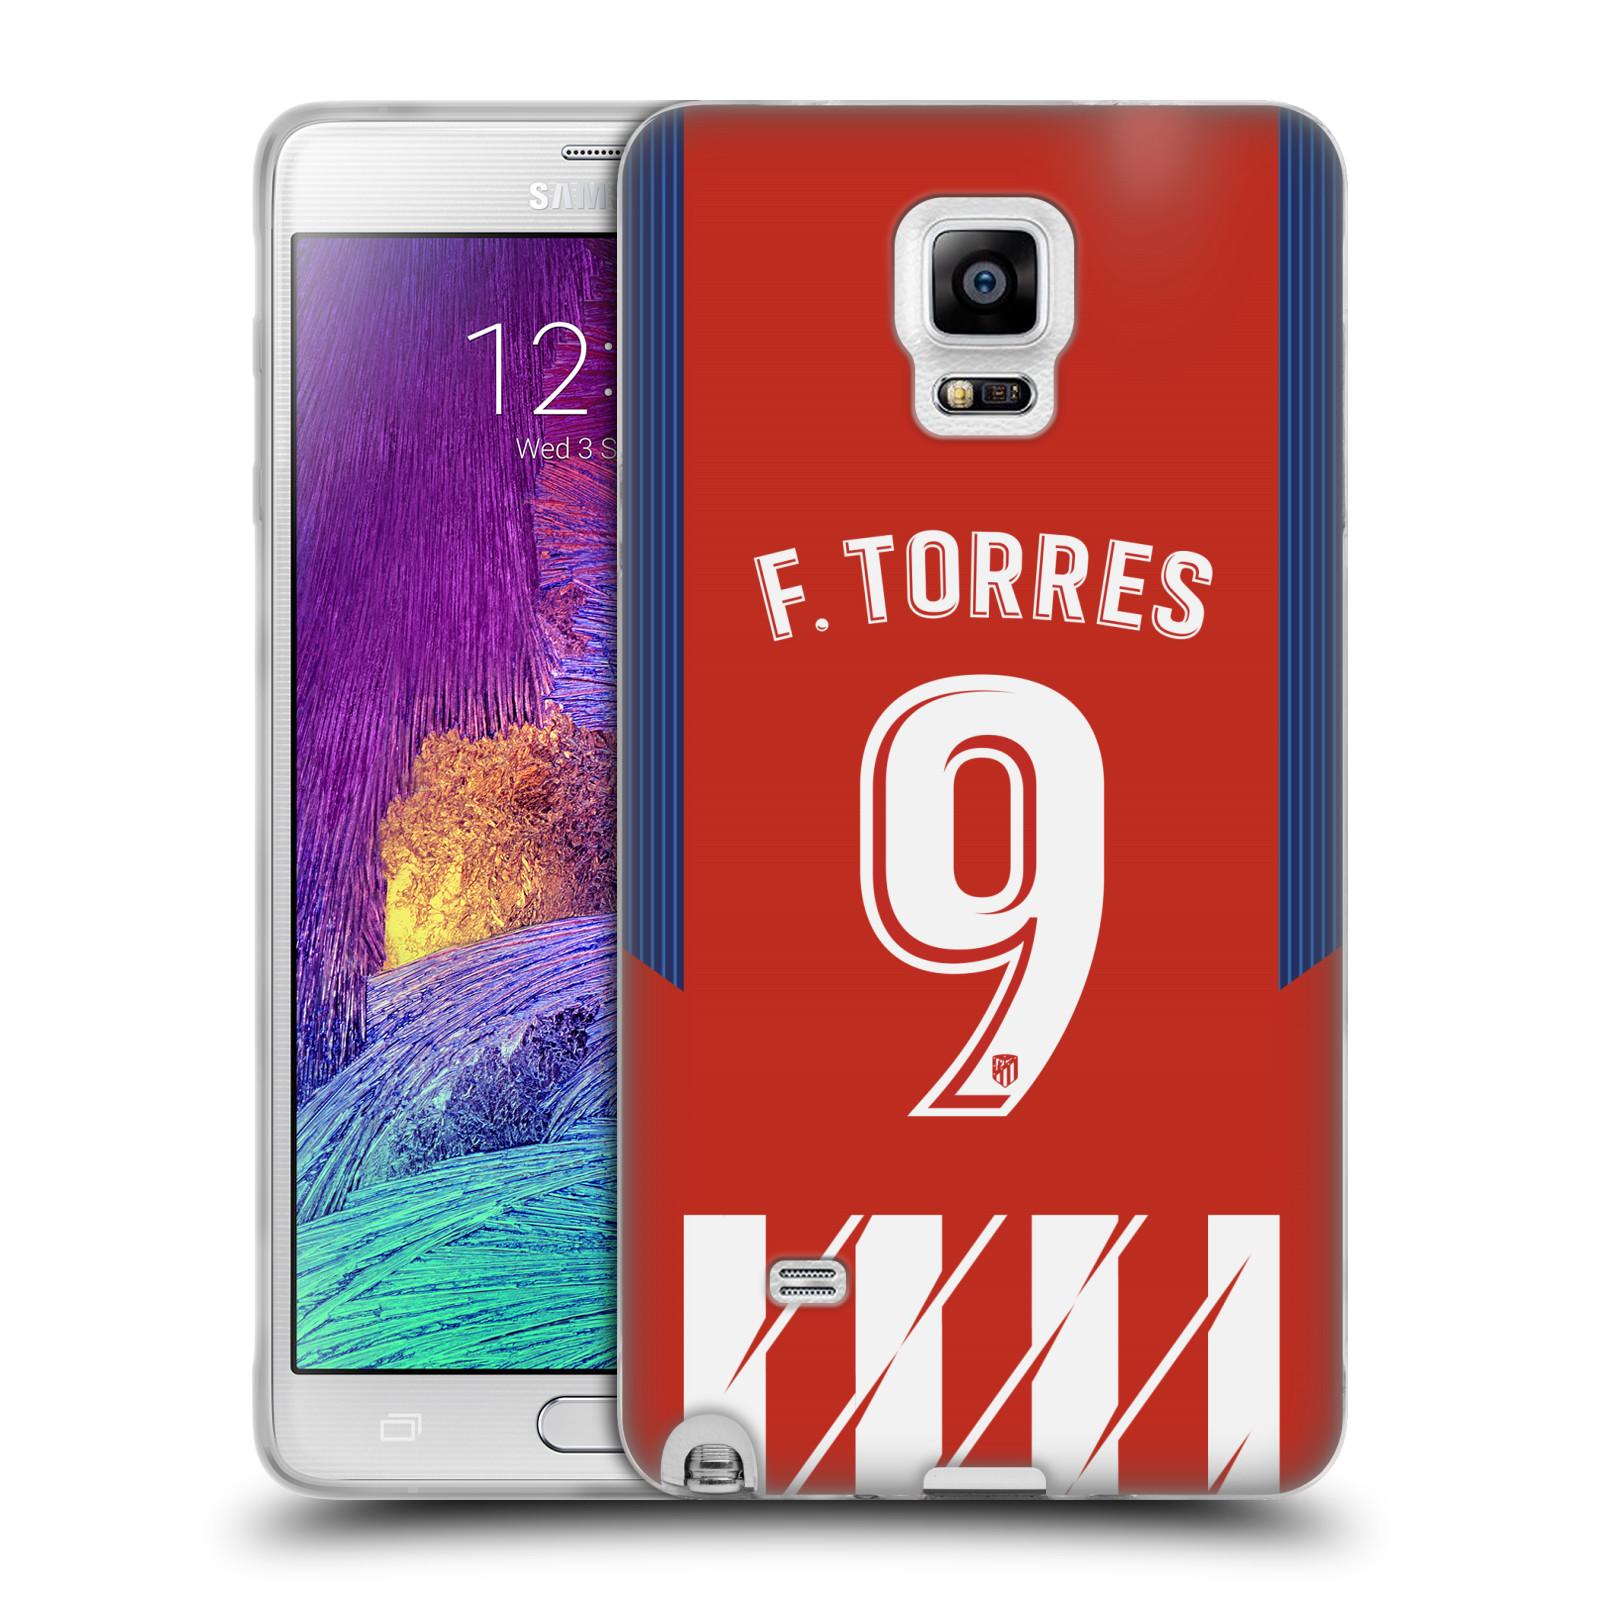 HEAD CASE silikonový obal na mobil Samsung Galaxy Note 4 Fotbalový klub Atlético Madrid dres Fernando Torres